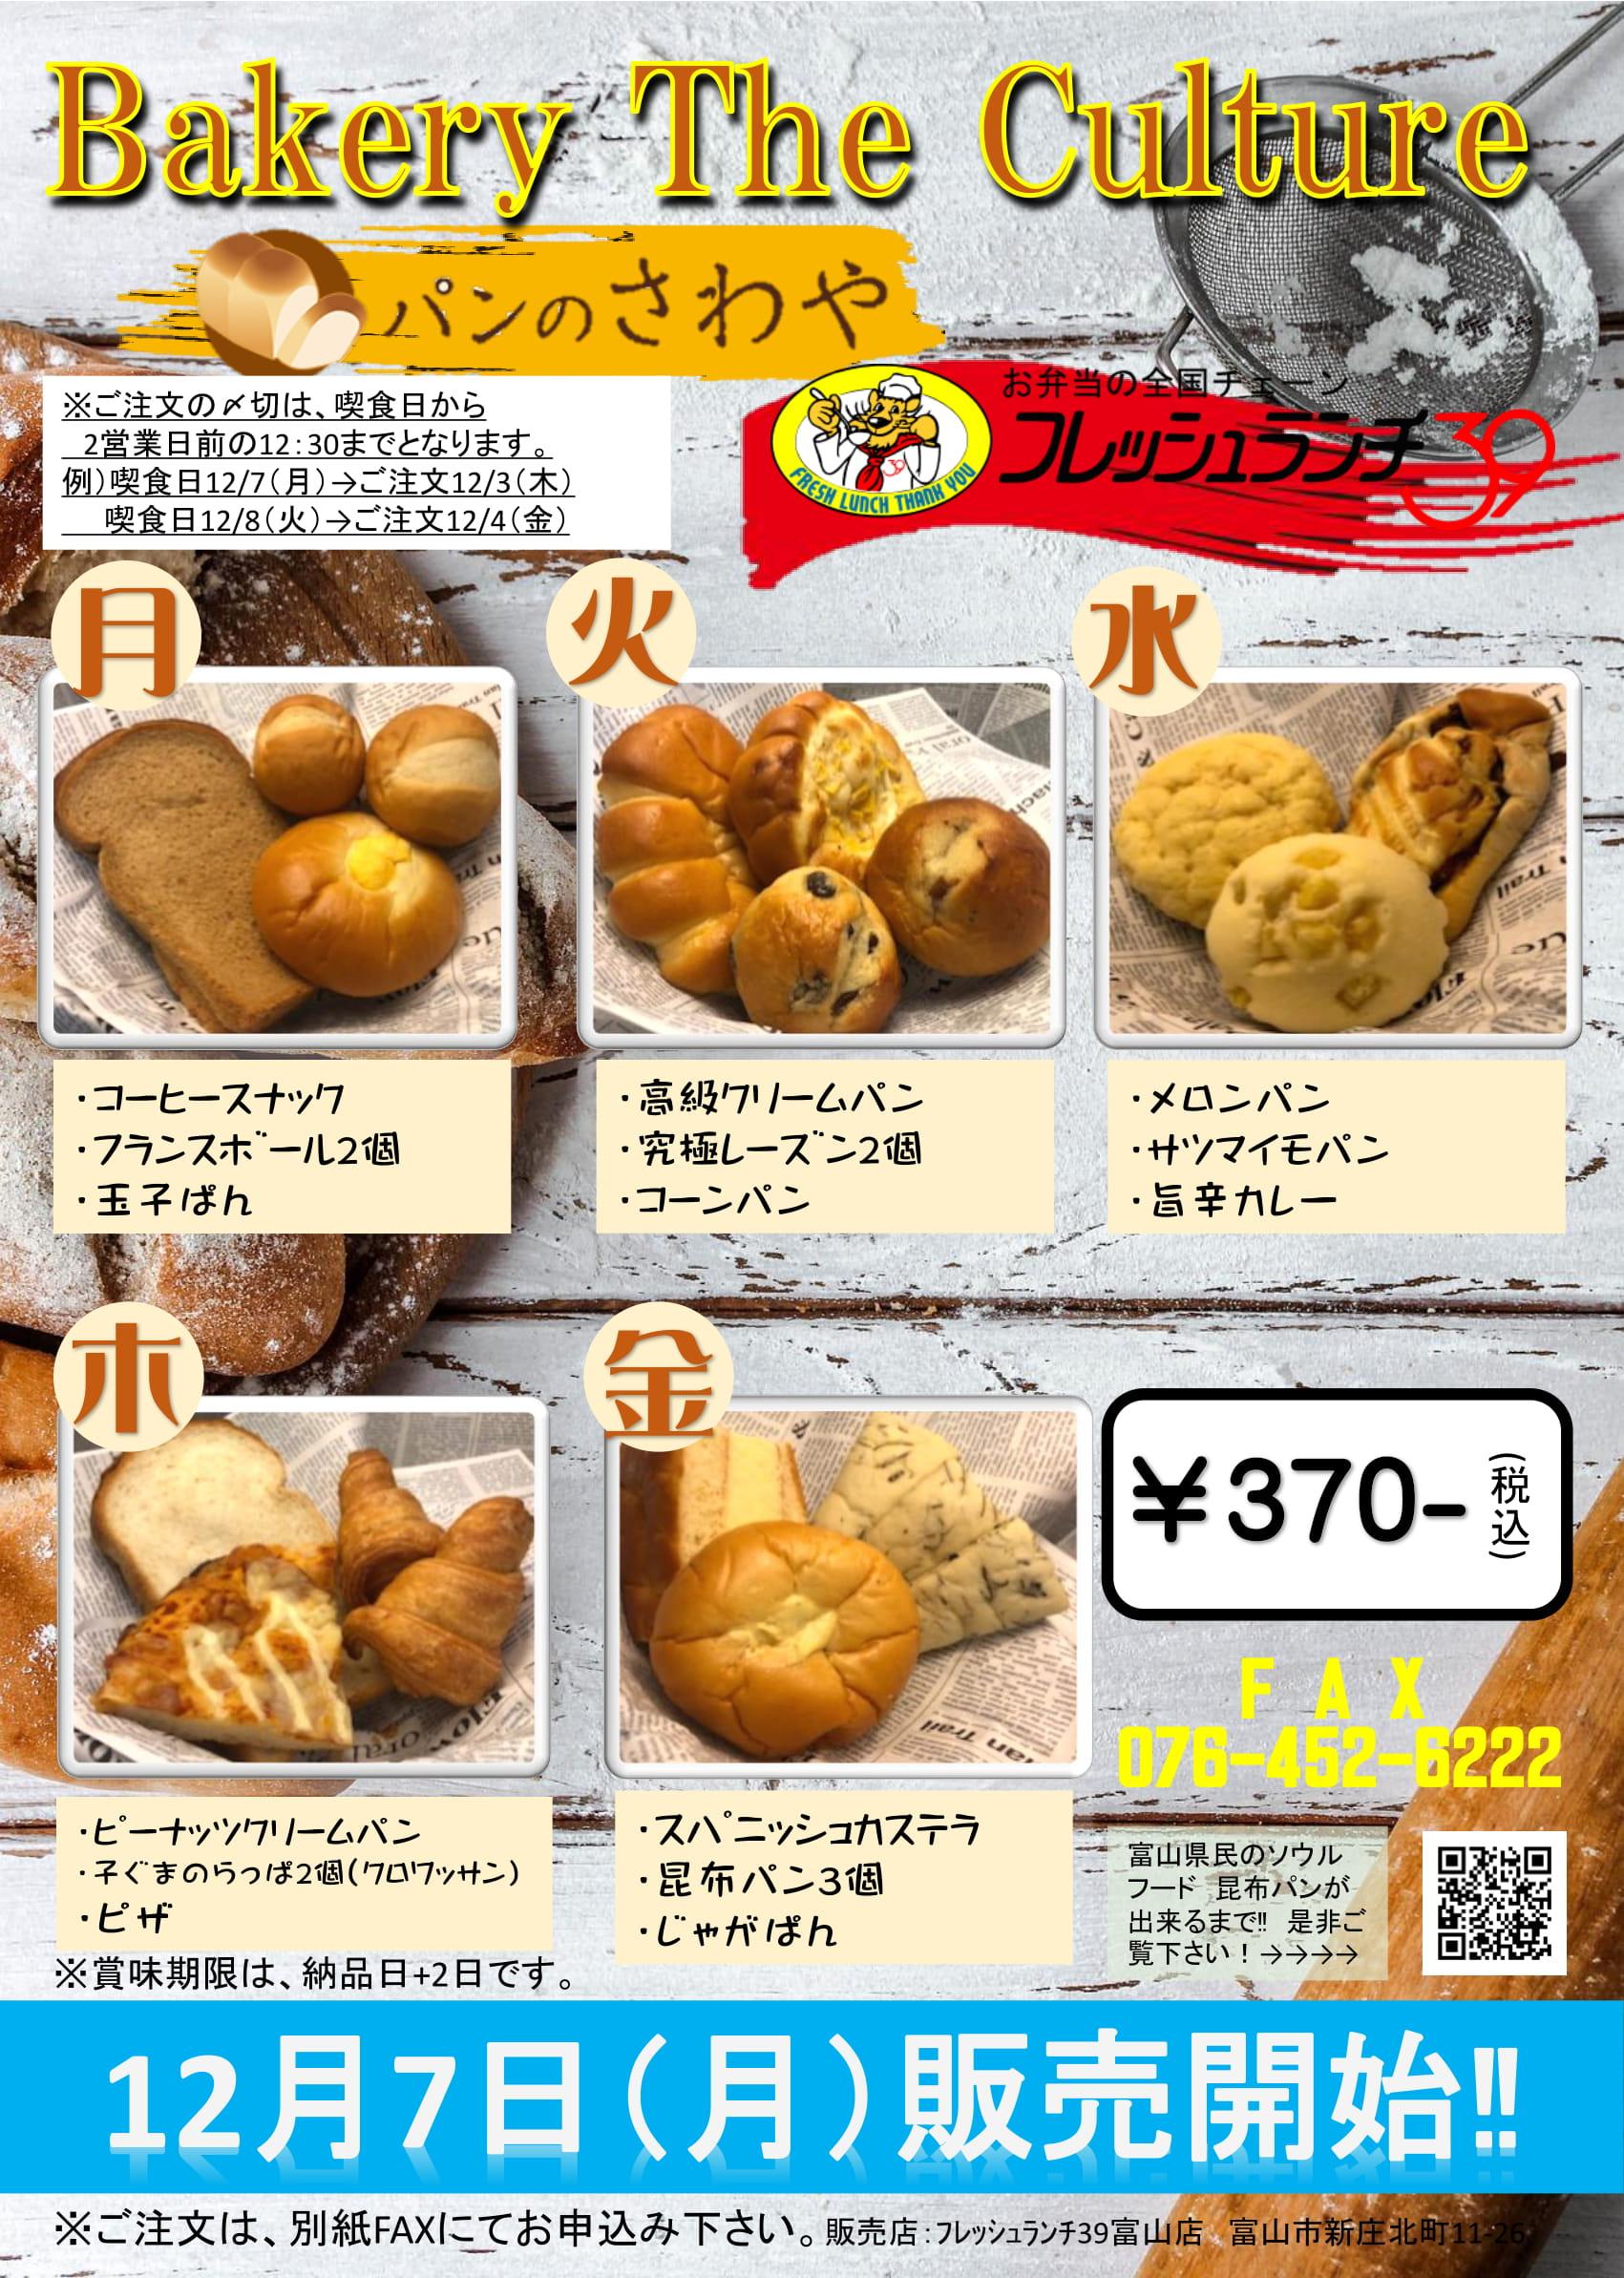 【パンの販売】パンのさわや×フレッシュランチ39富山 12月7日販売開始予定